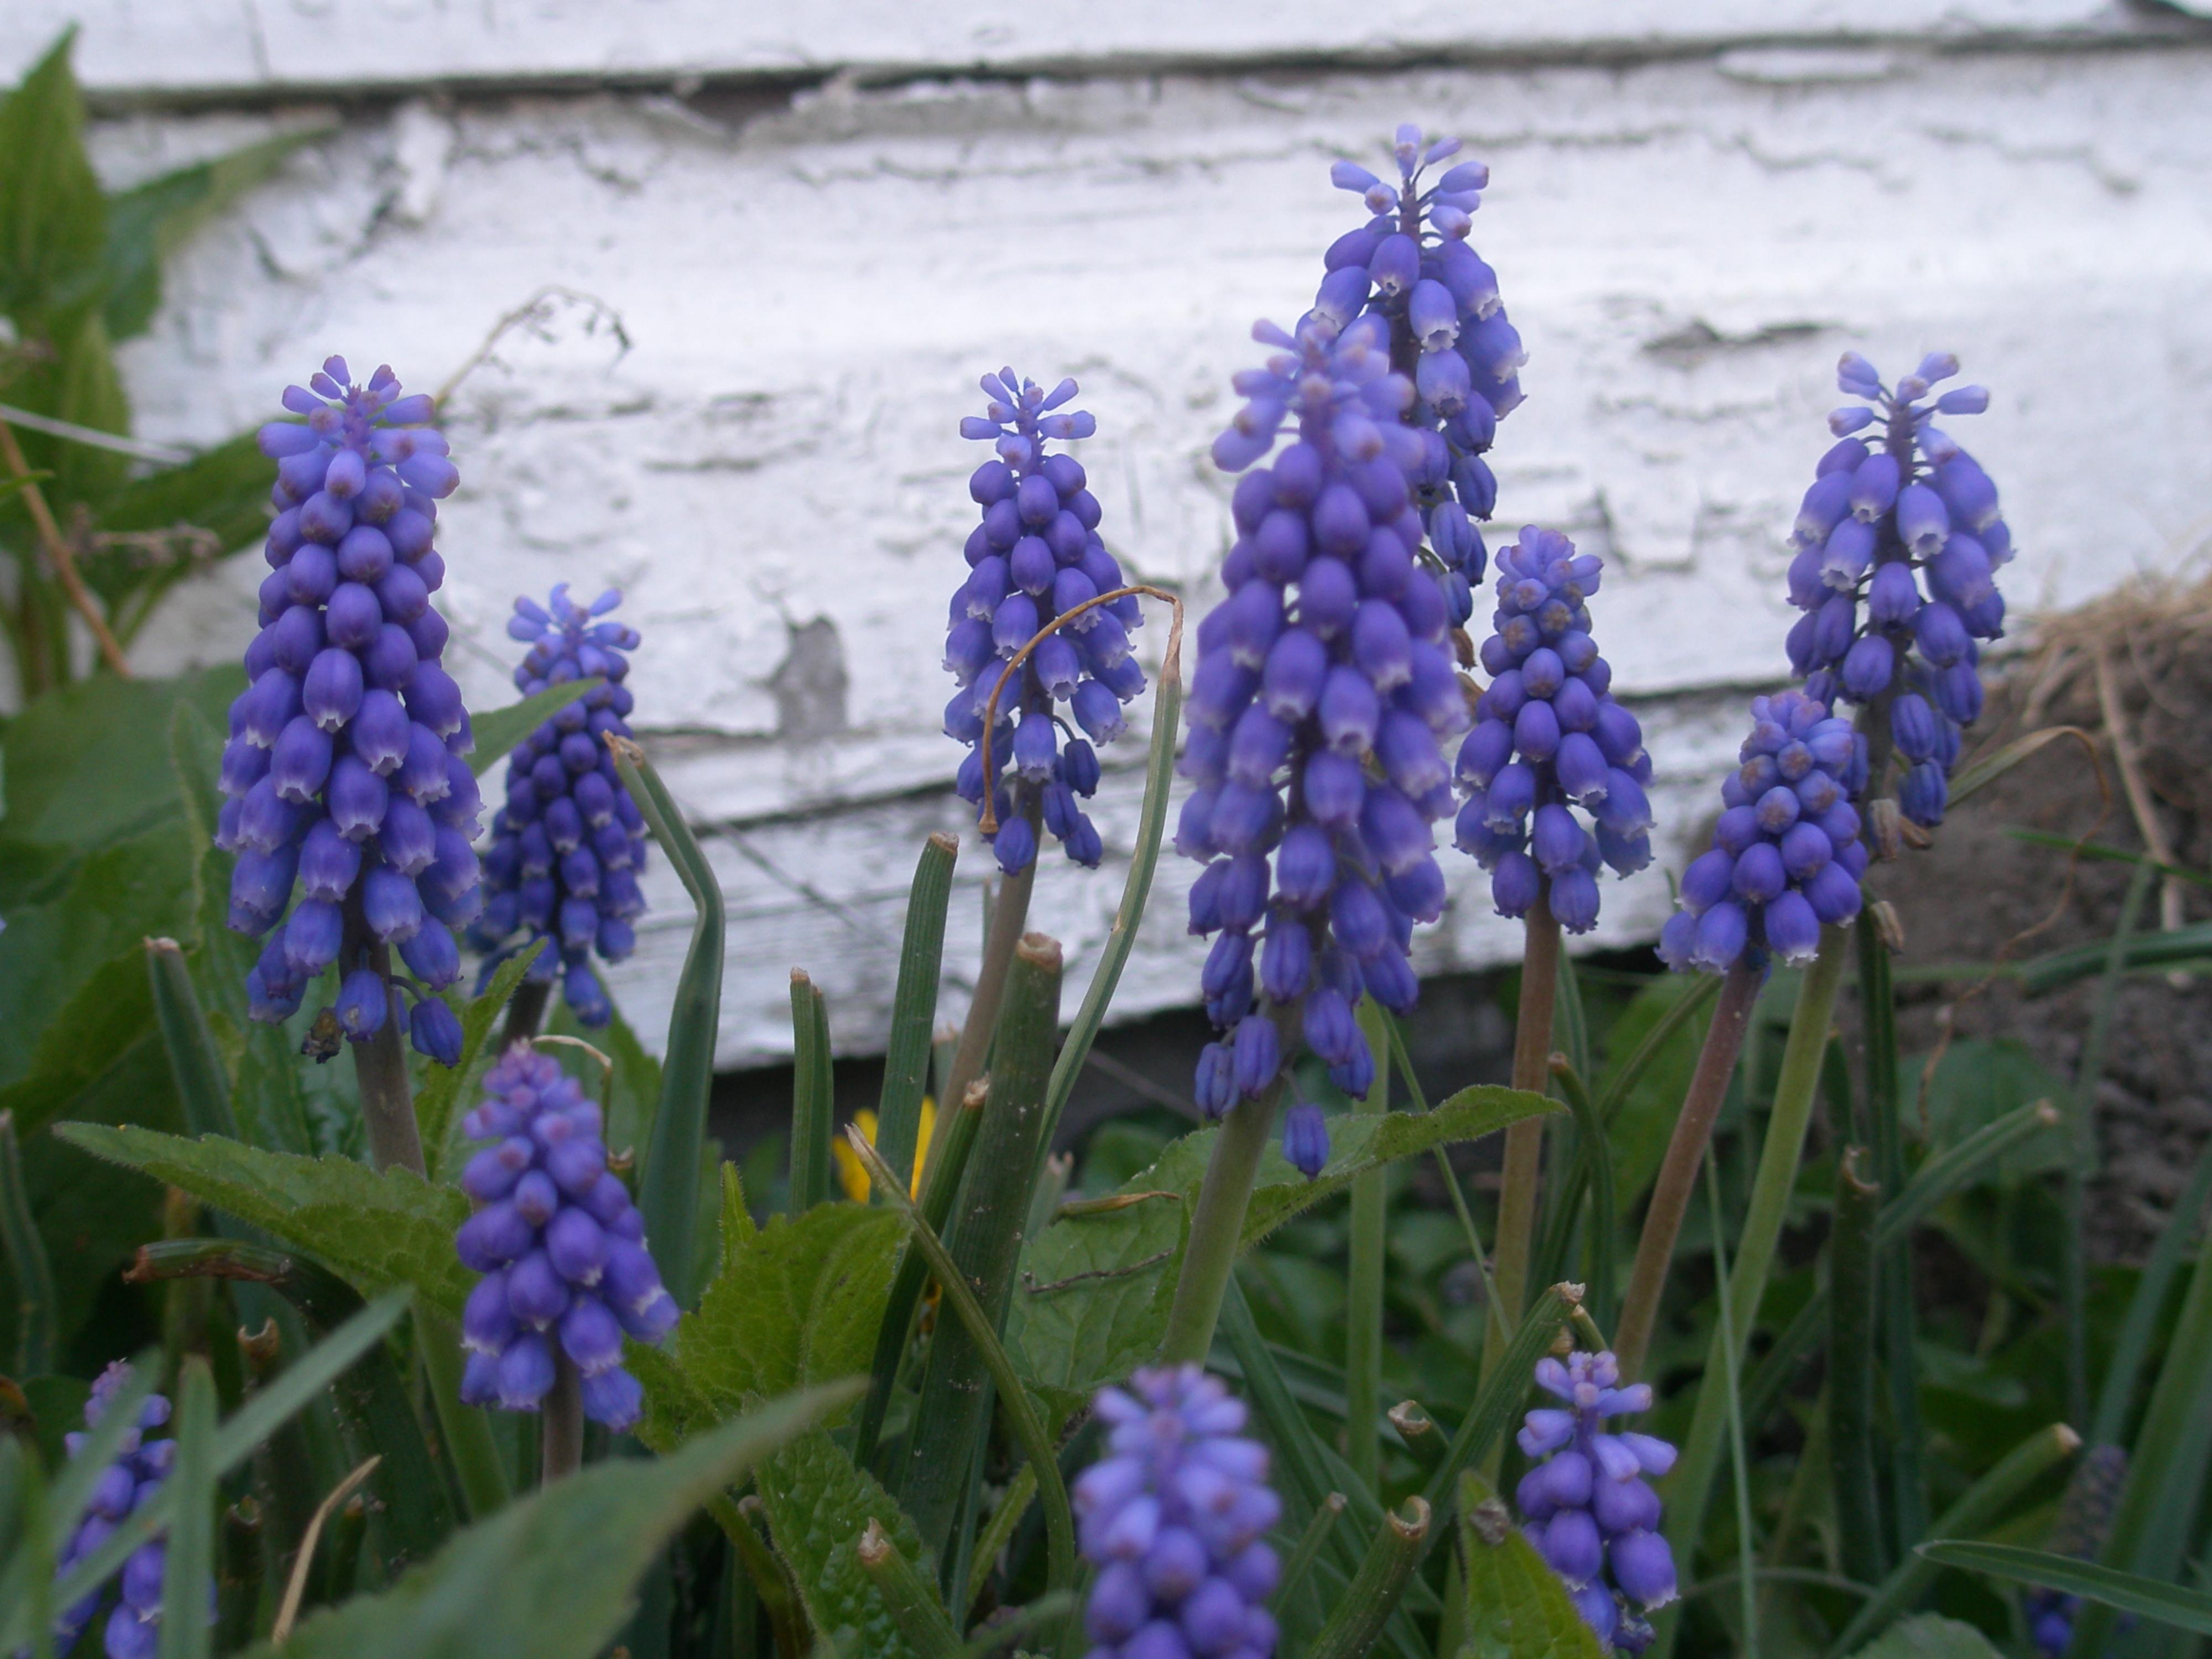 Little purple flower photo